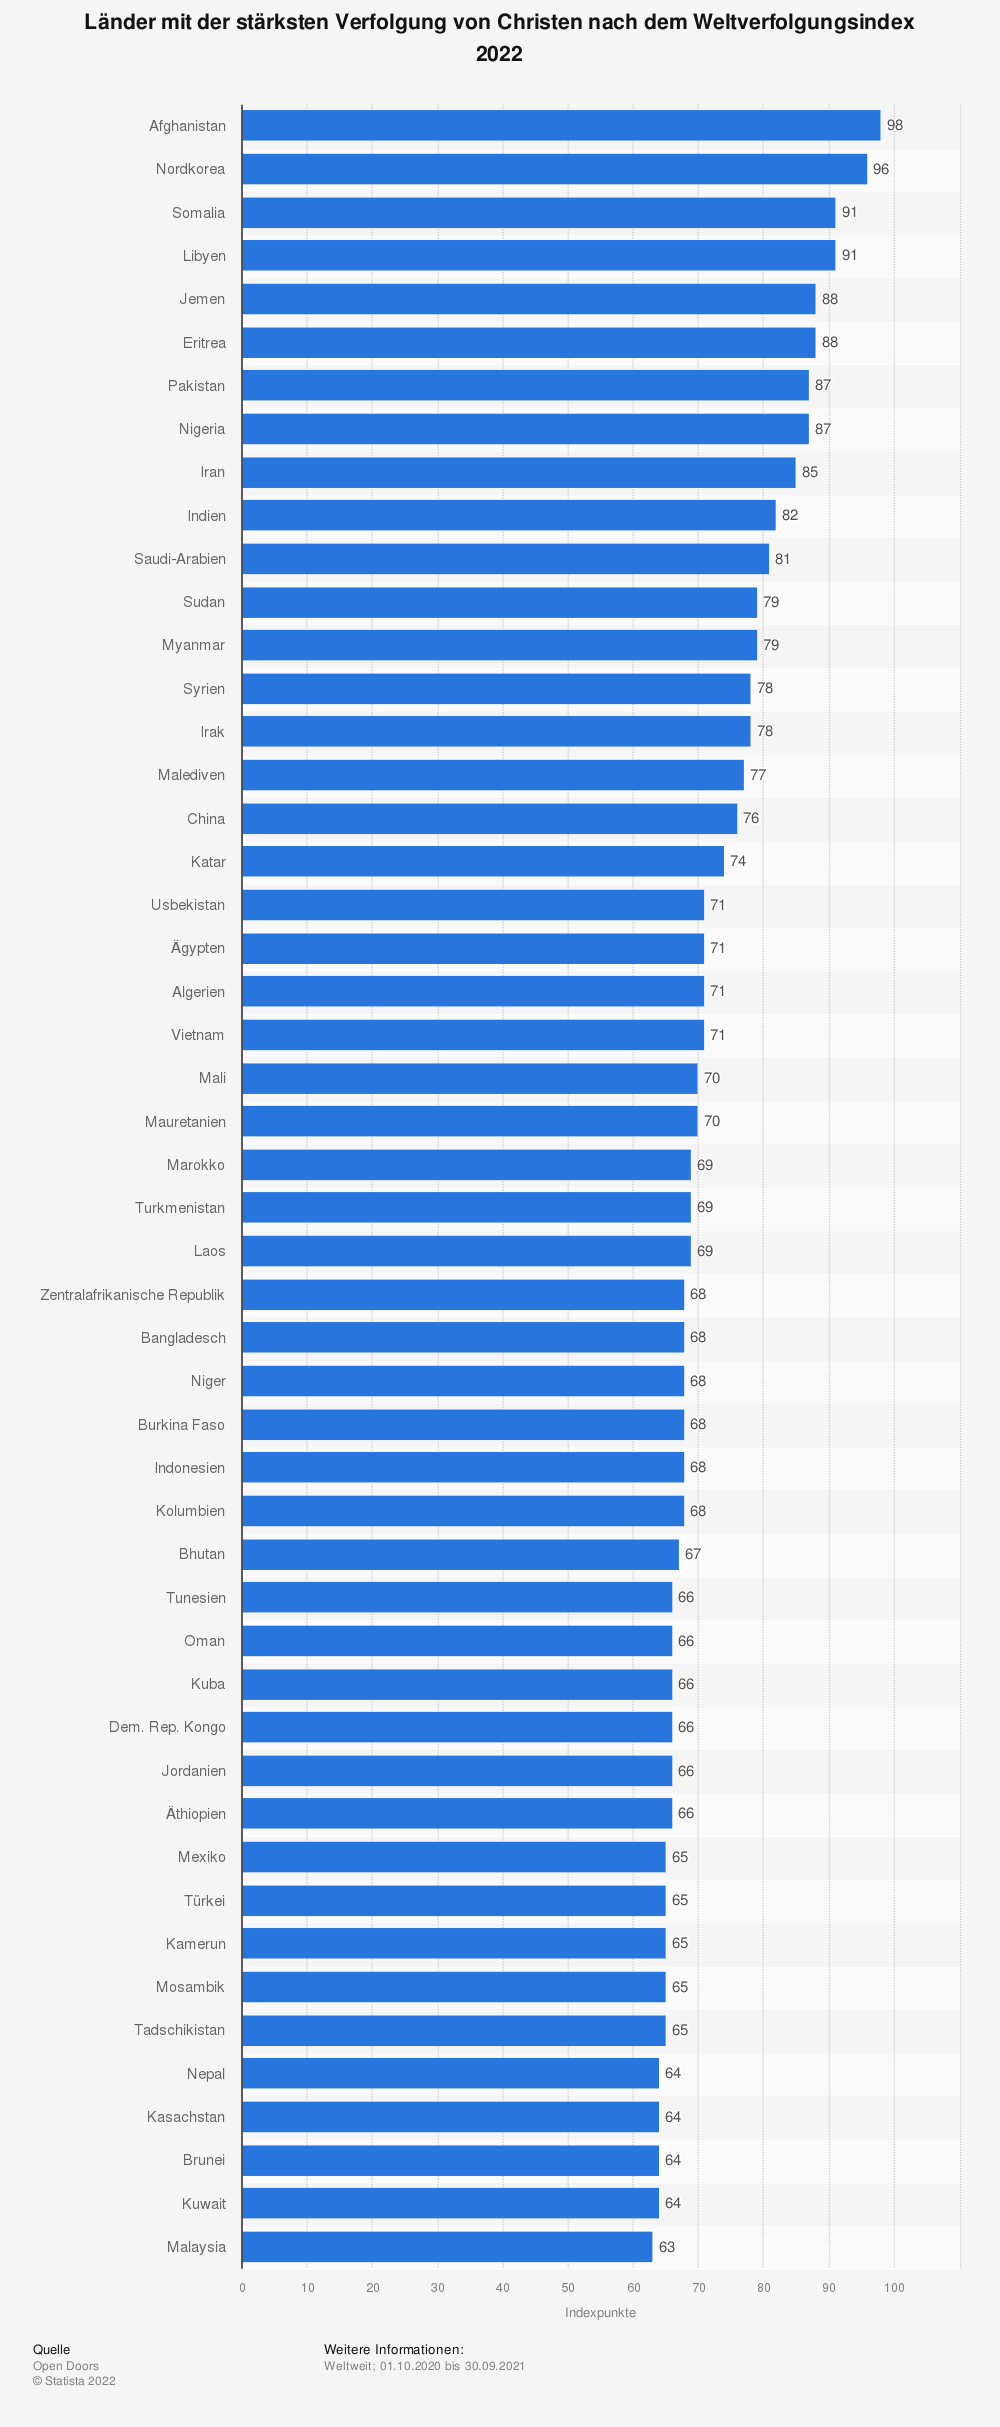 Statistik: Länder mit der stärksten Verfolgung von Christen nach dem Weltverfolgungsindex 2020 | Statista